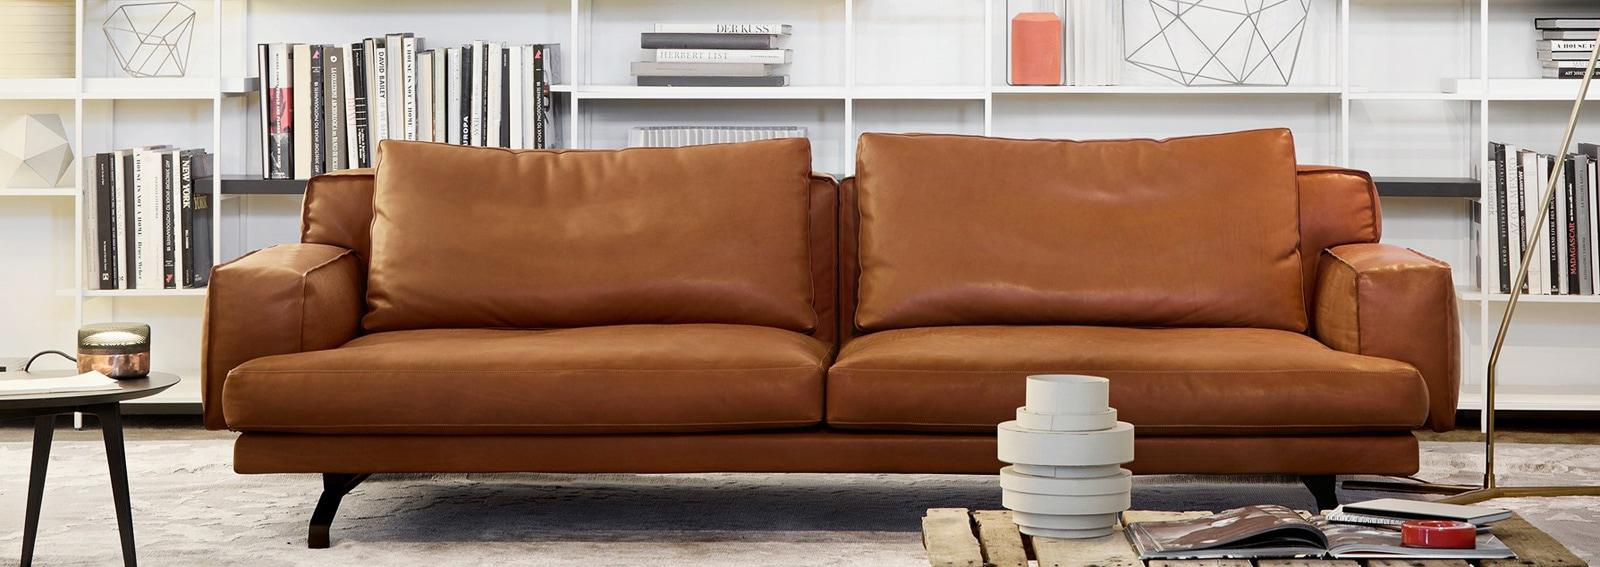 Divano In Pelle Design.10 Divani In Pelle Per Arredare Il Soggiorno Grazia